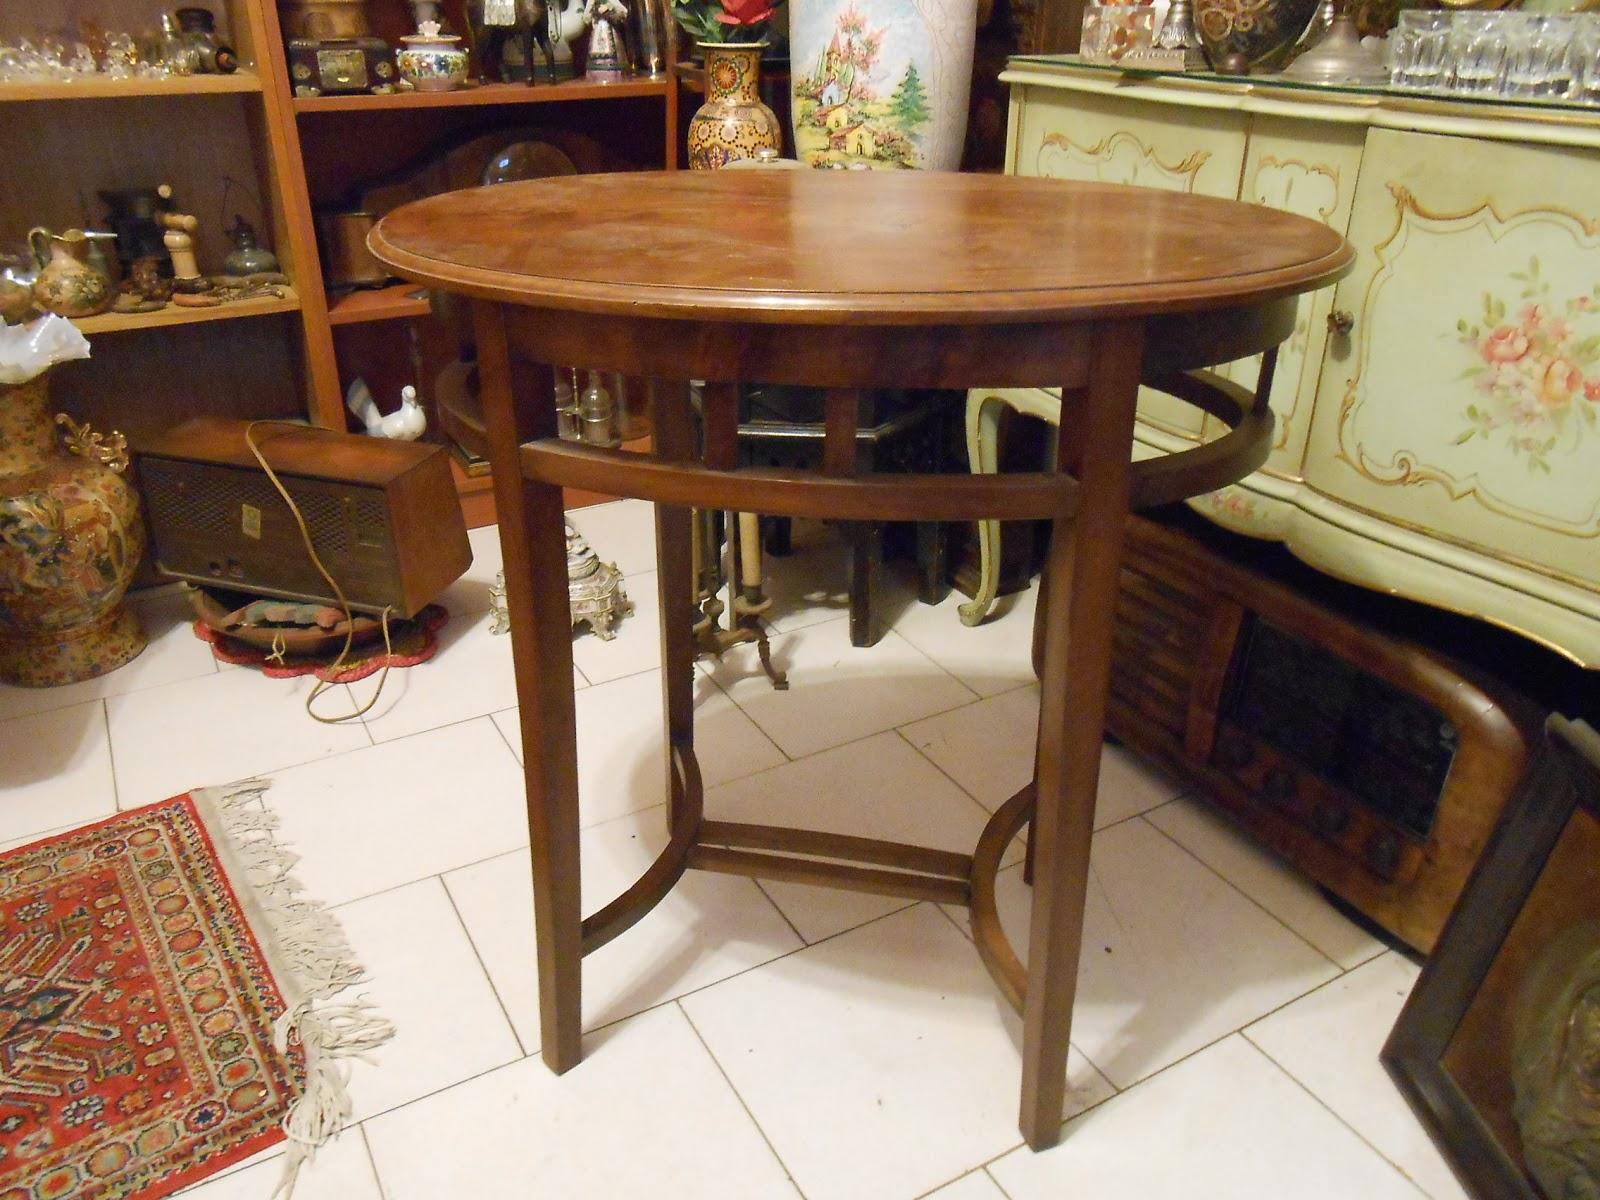 Tavolo Ovale Antico : Antico tavolo ovale chippendale in massello metà 900 o prima da